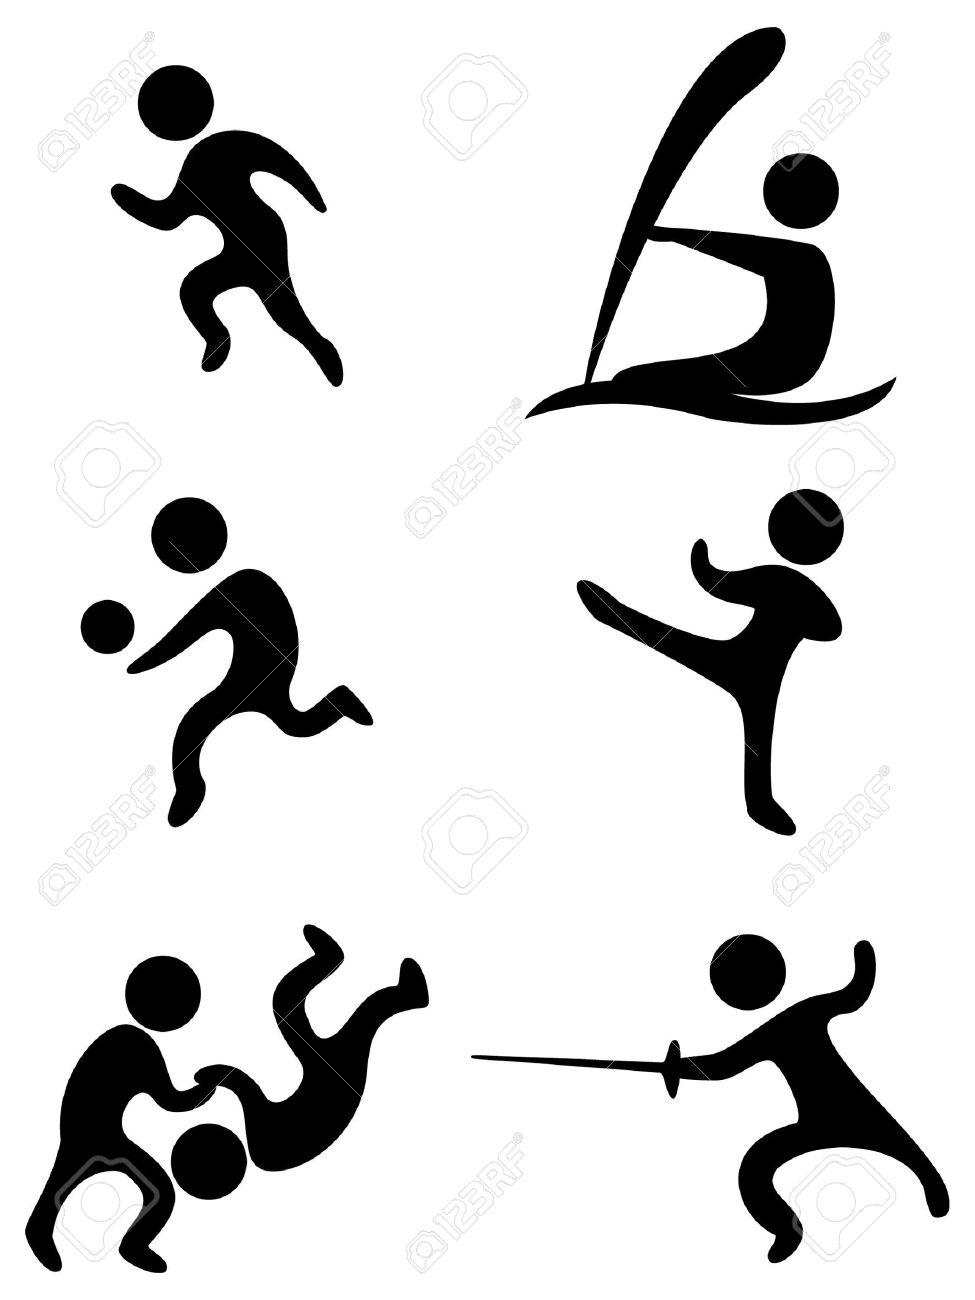 Track field symbols free download best track field symbols on 975x1300 olympic sport symbols sample erd biocorpaavc